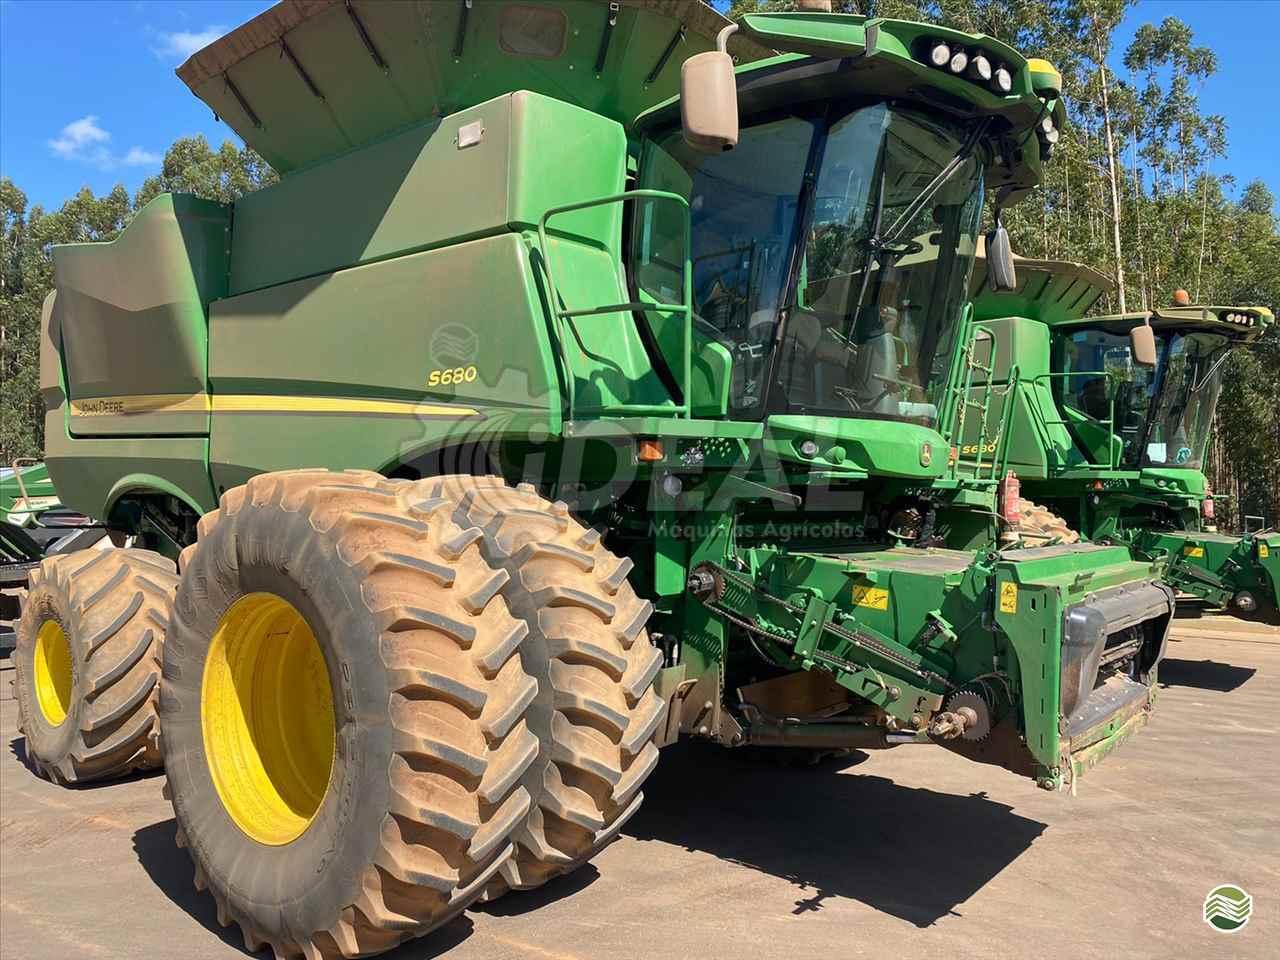 COLHEITADEIRA JOHN DEERE JOHN DEERE S680 Ideal Máquinas Agrícolas SAO GONCALO DO SAPUCAI MINAS GERAIS MG